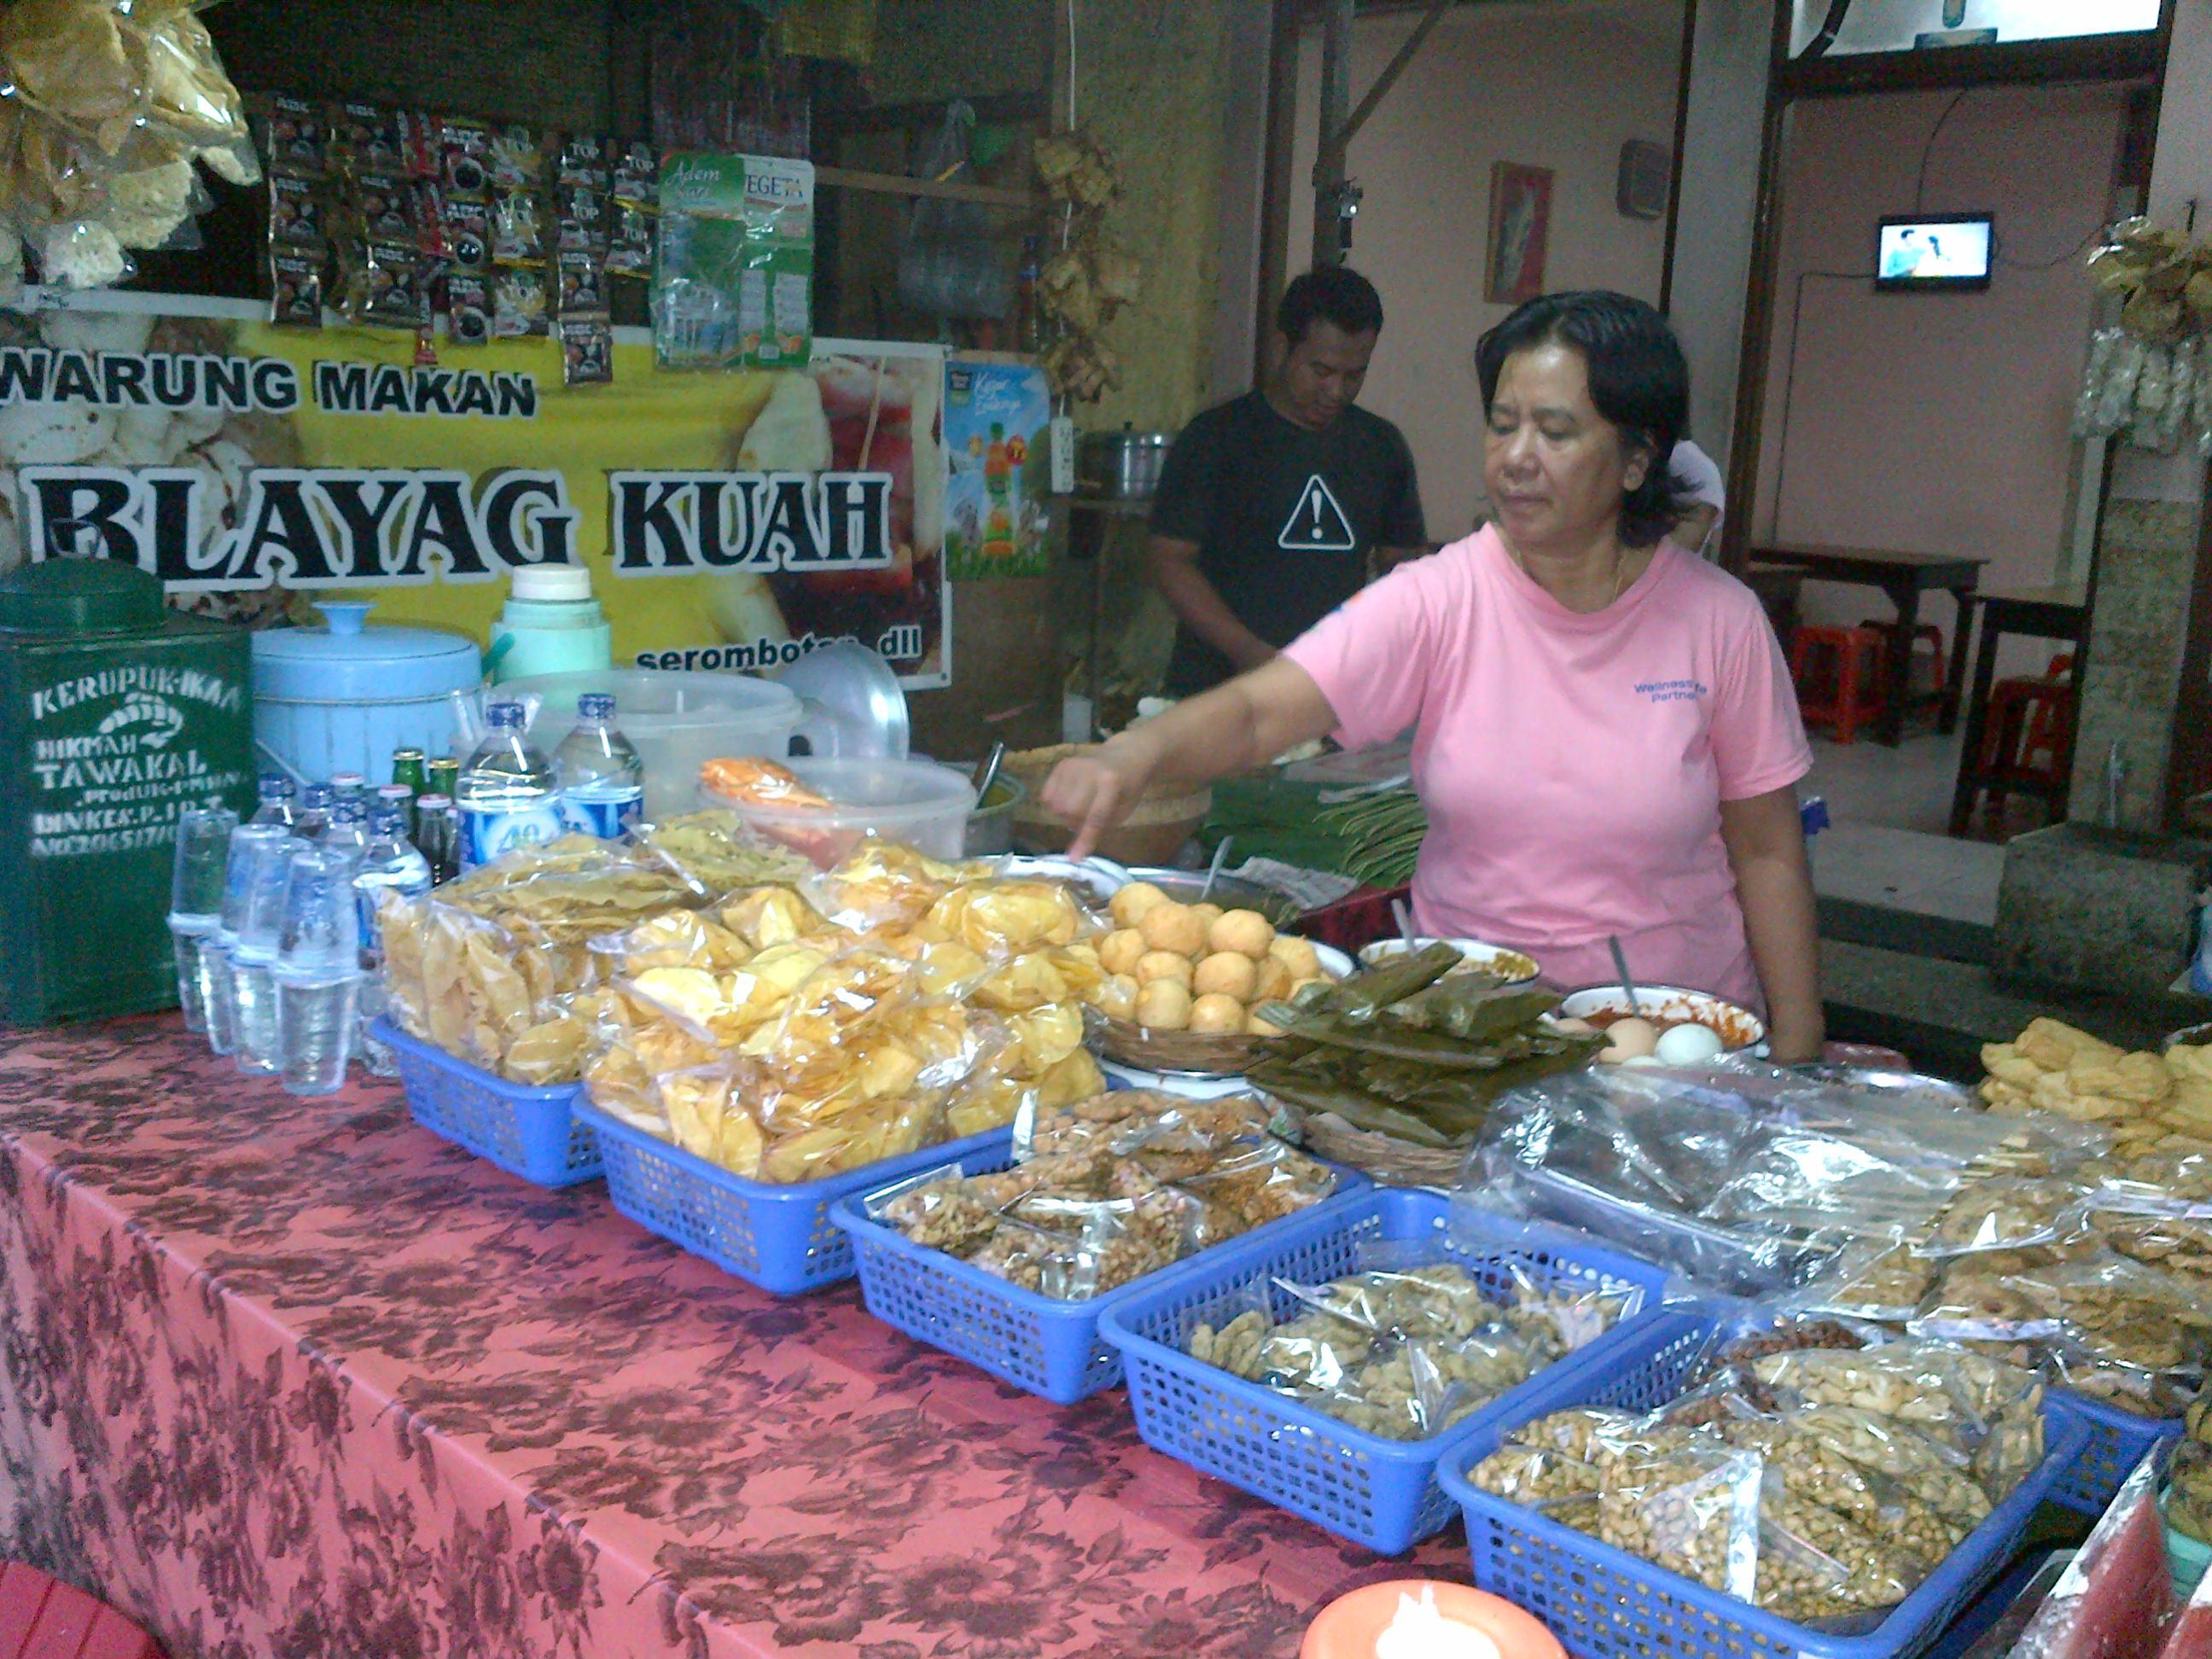 Sumber Gambar (www.wisatakulinerbali.files.wordpress.com)